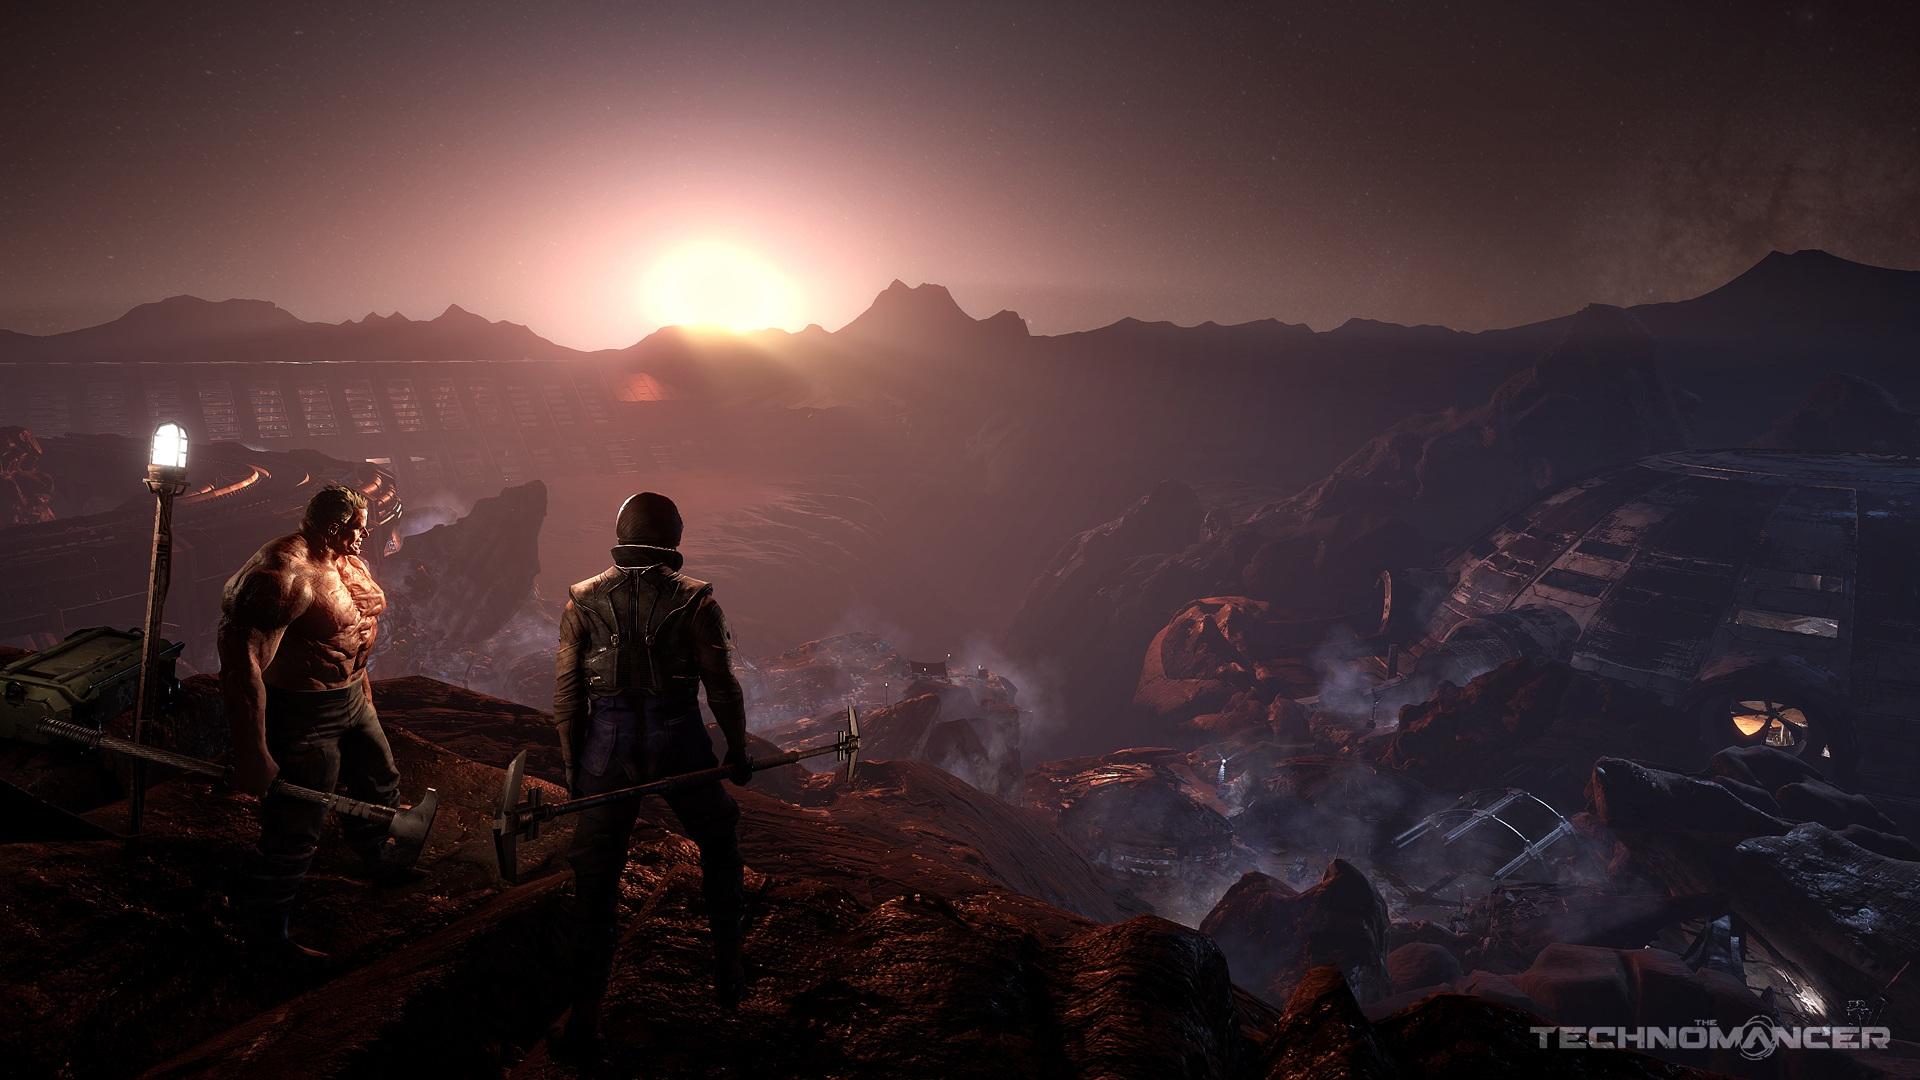 Nové obrázky ze sci-fi RPG titulu The Technomancer 112044